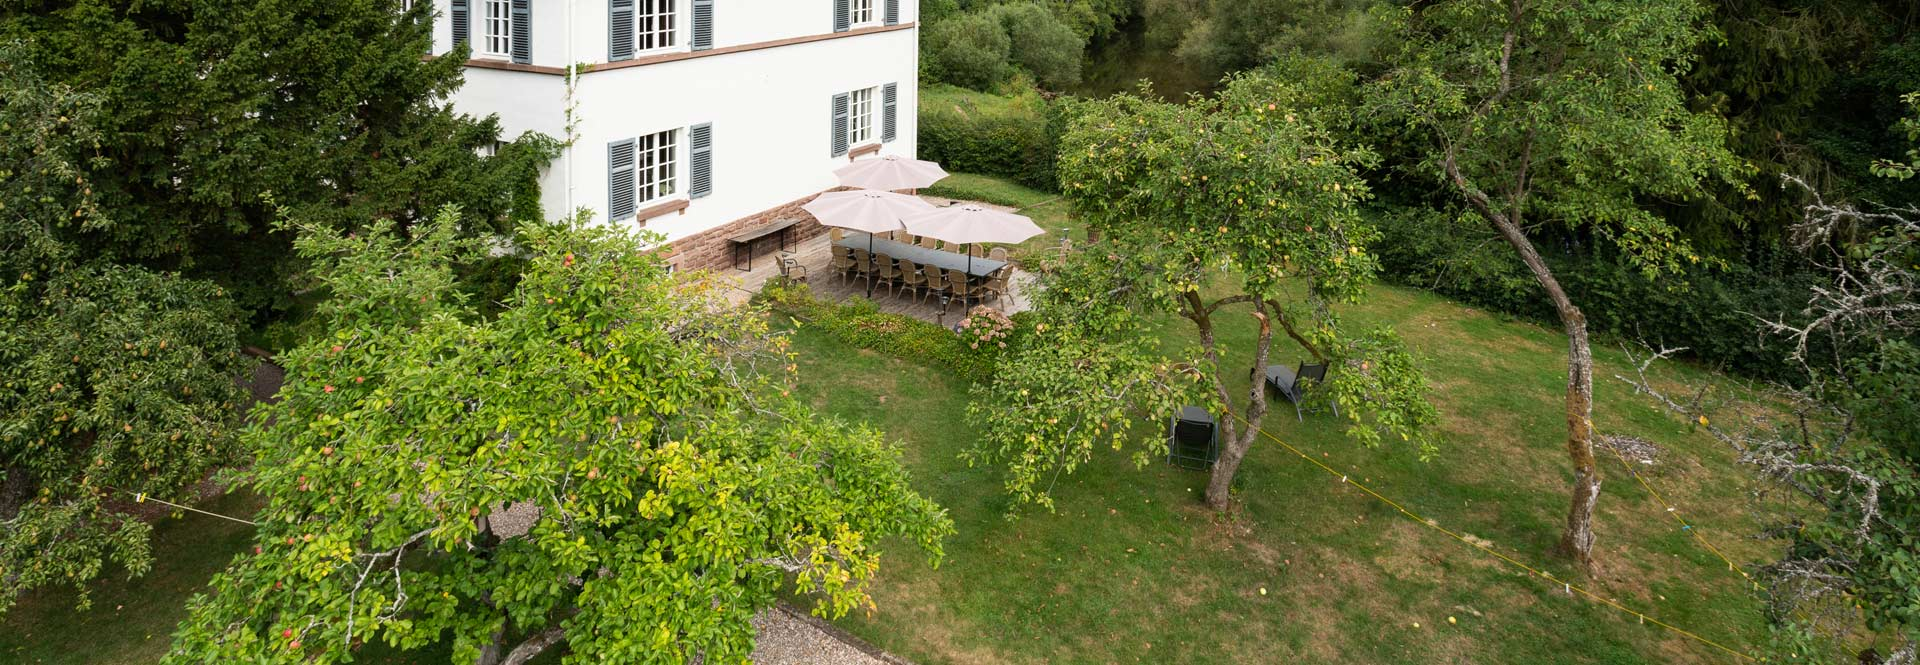 luxuriös Ferienhaus 16 personen privates kino, sauna und whirlpool in Eifel, Deutschland